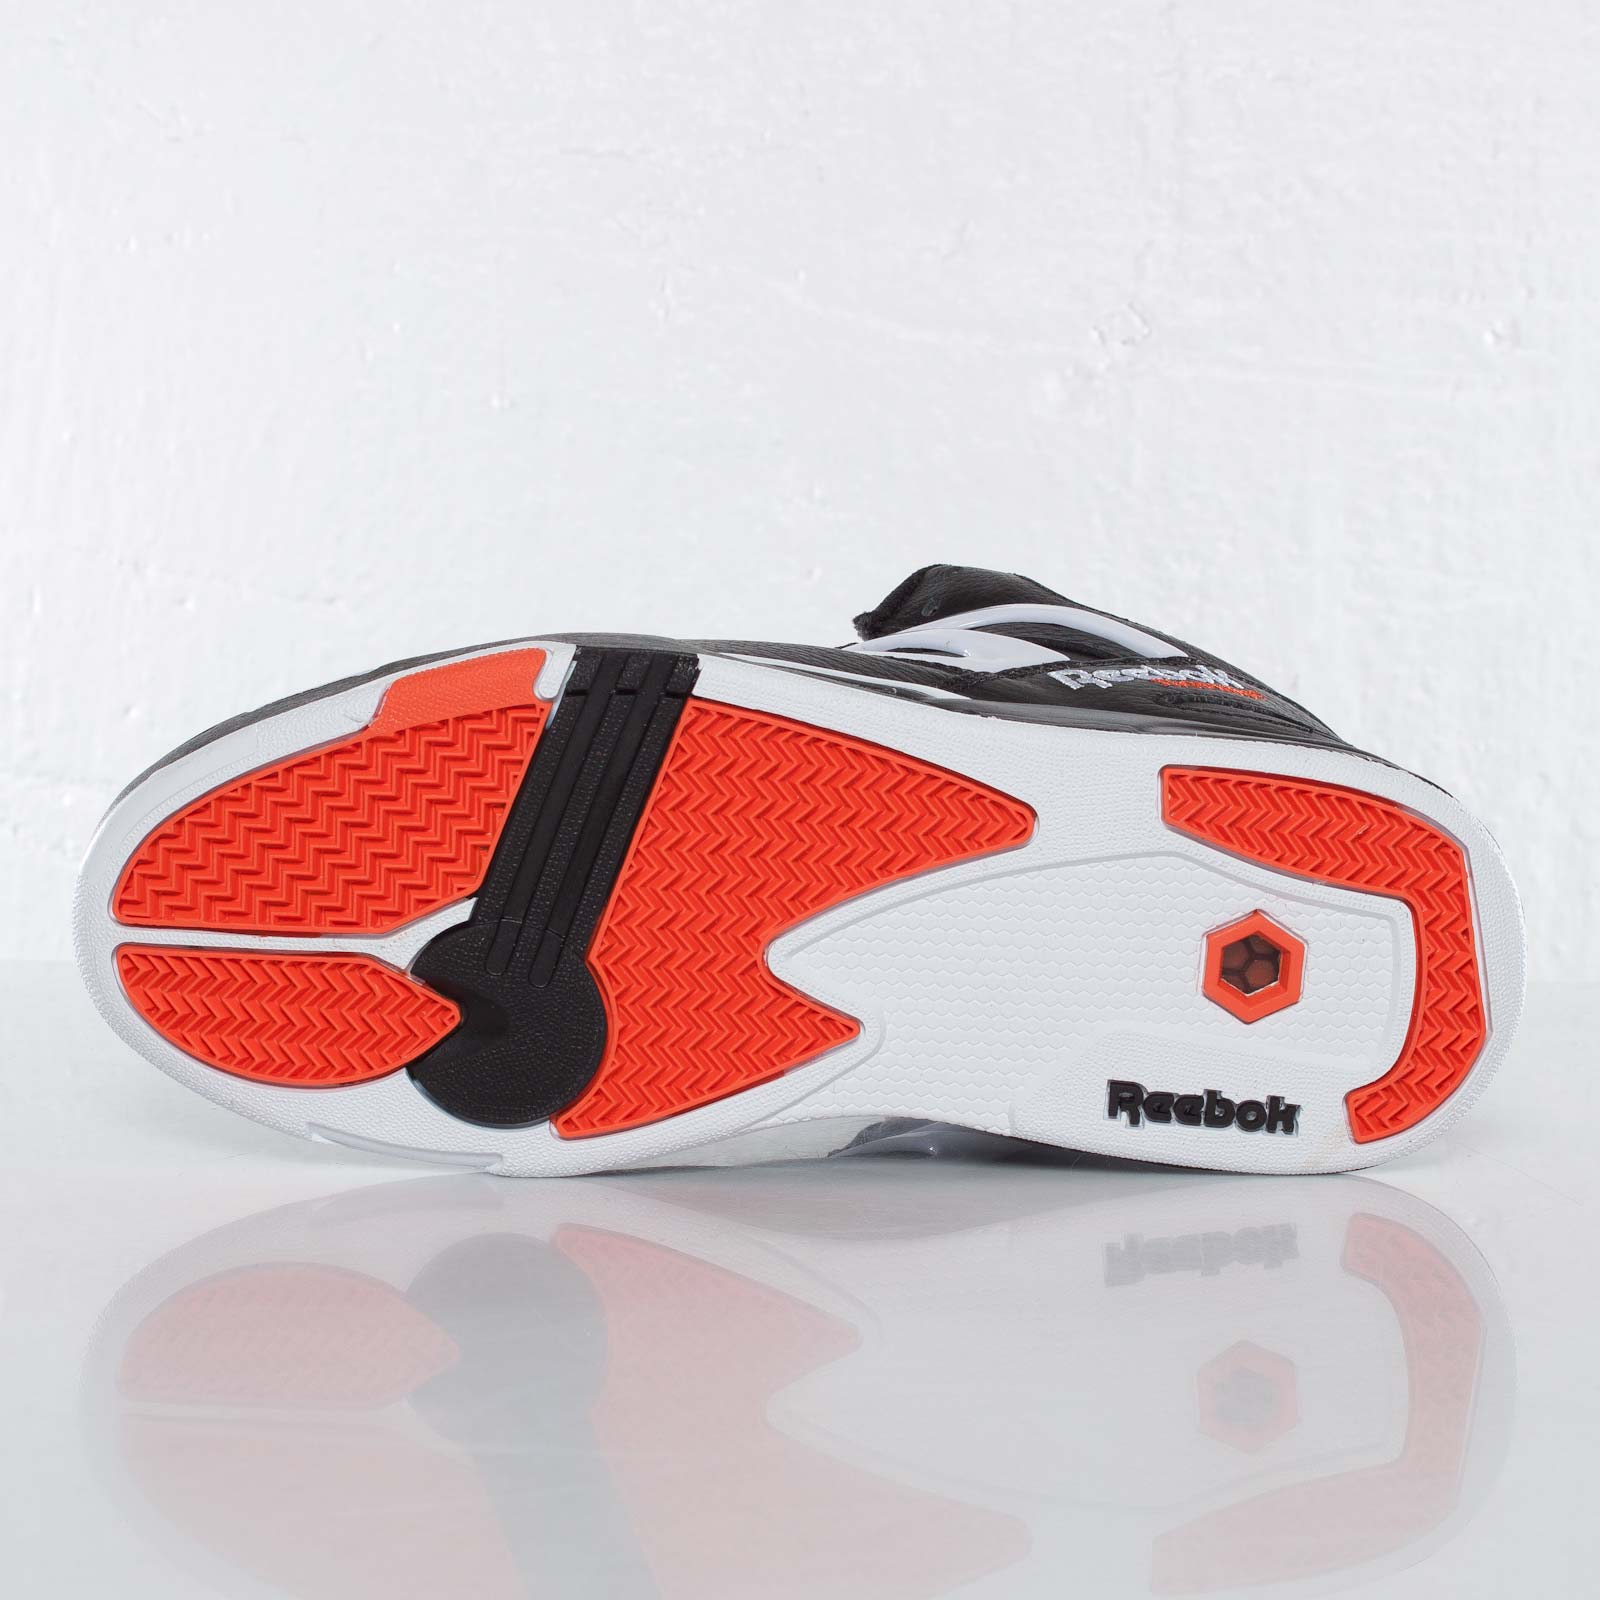 1c3f79237a2 Reebok Pump Omni Lite - J15298 - Sneakersnstuff